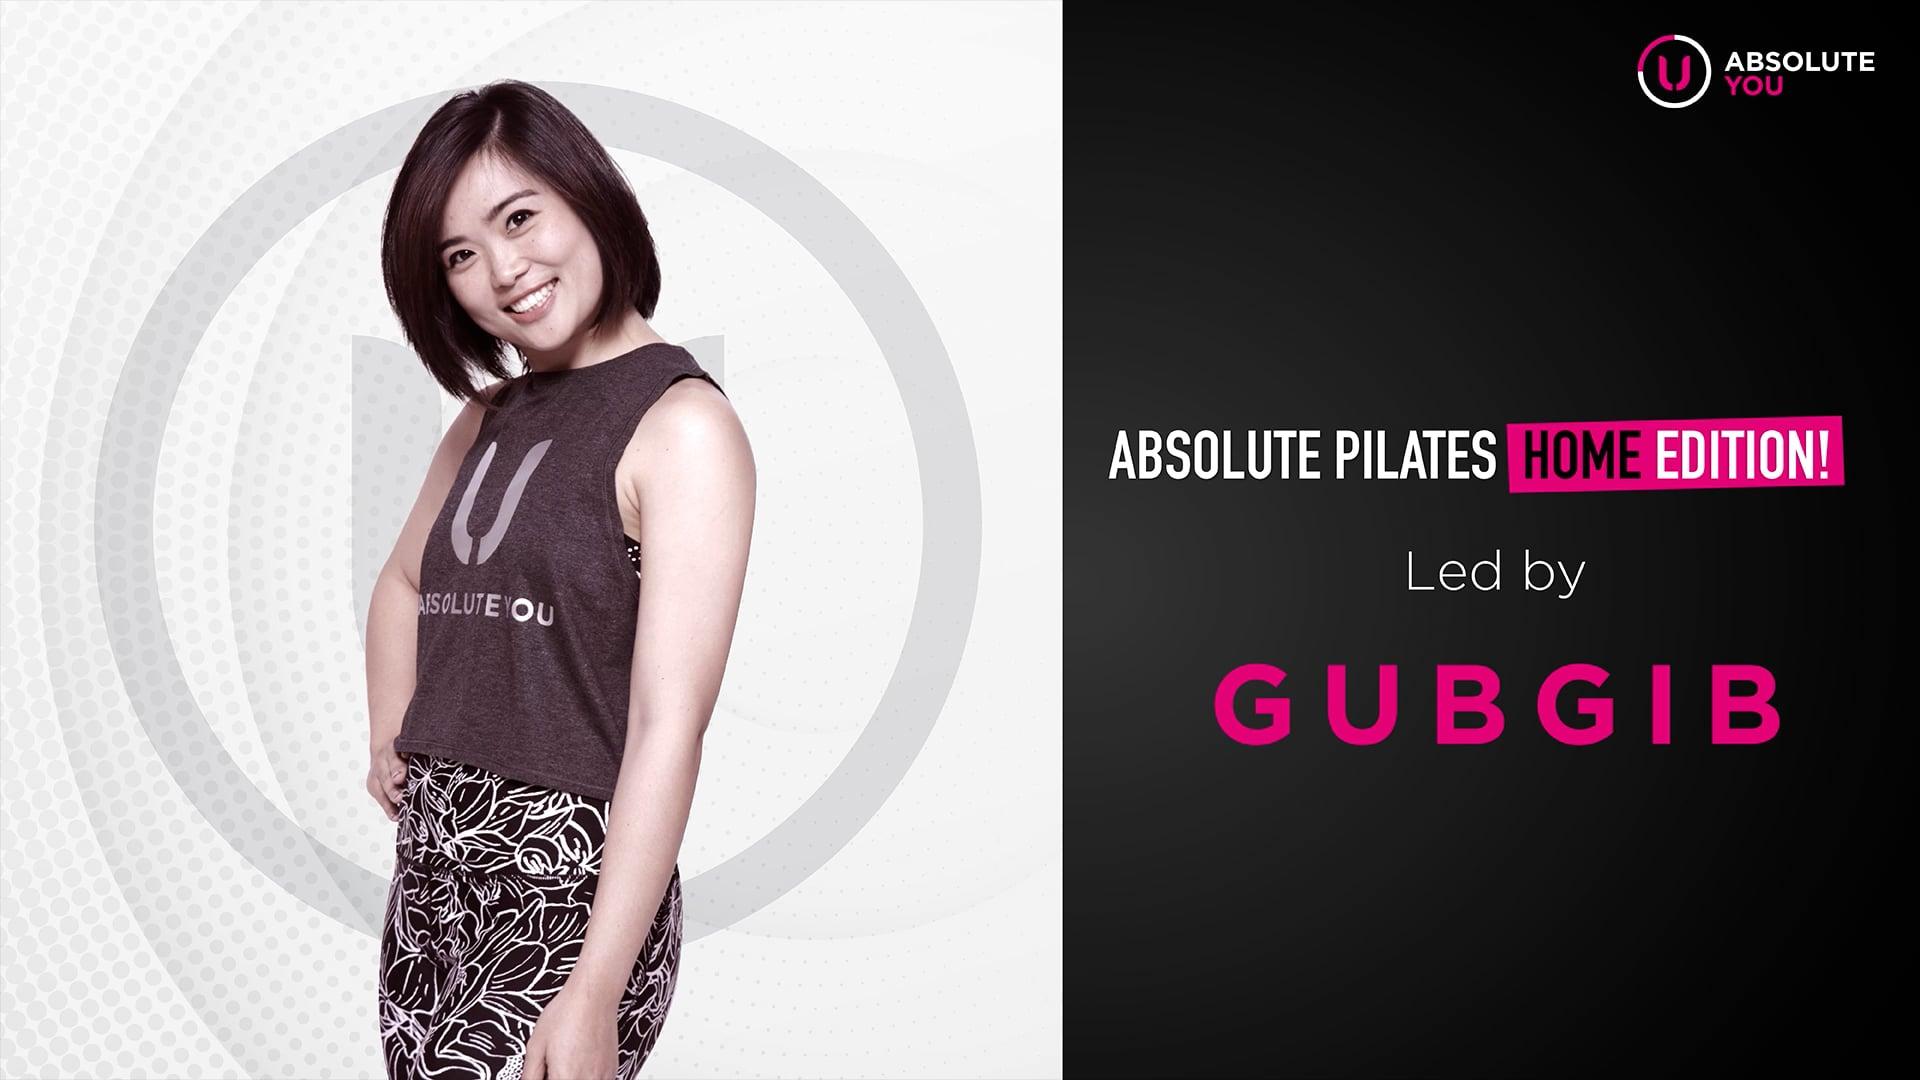 GUBGIB - ABS & ARMS (1 October 2021) ...